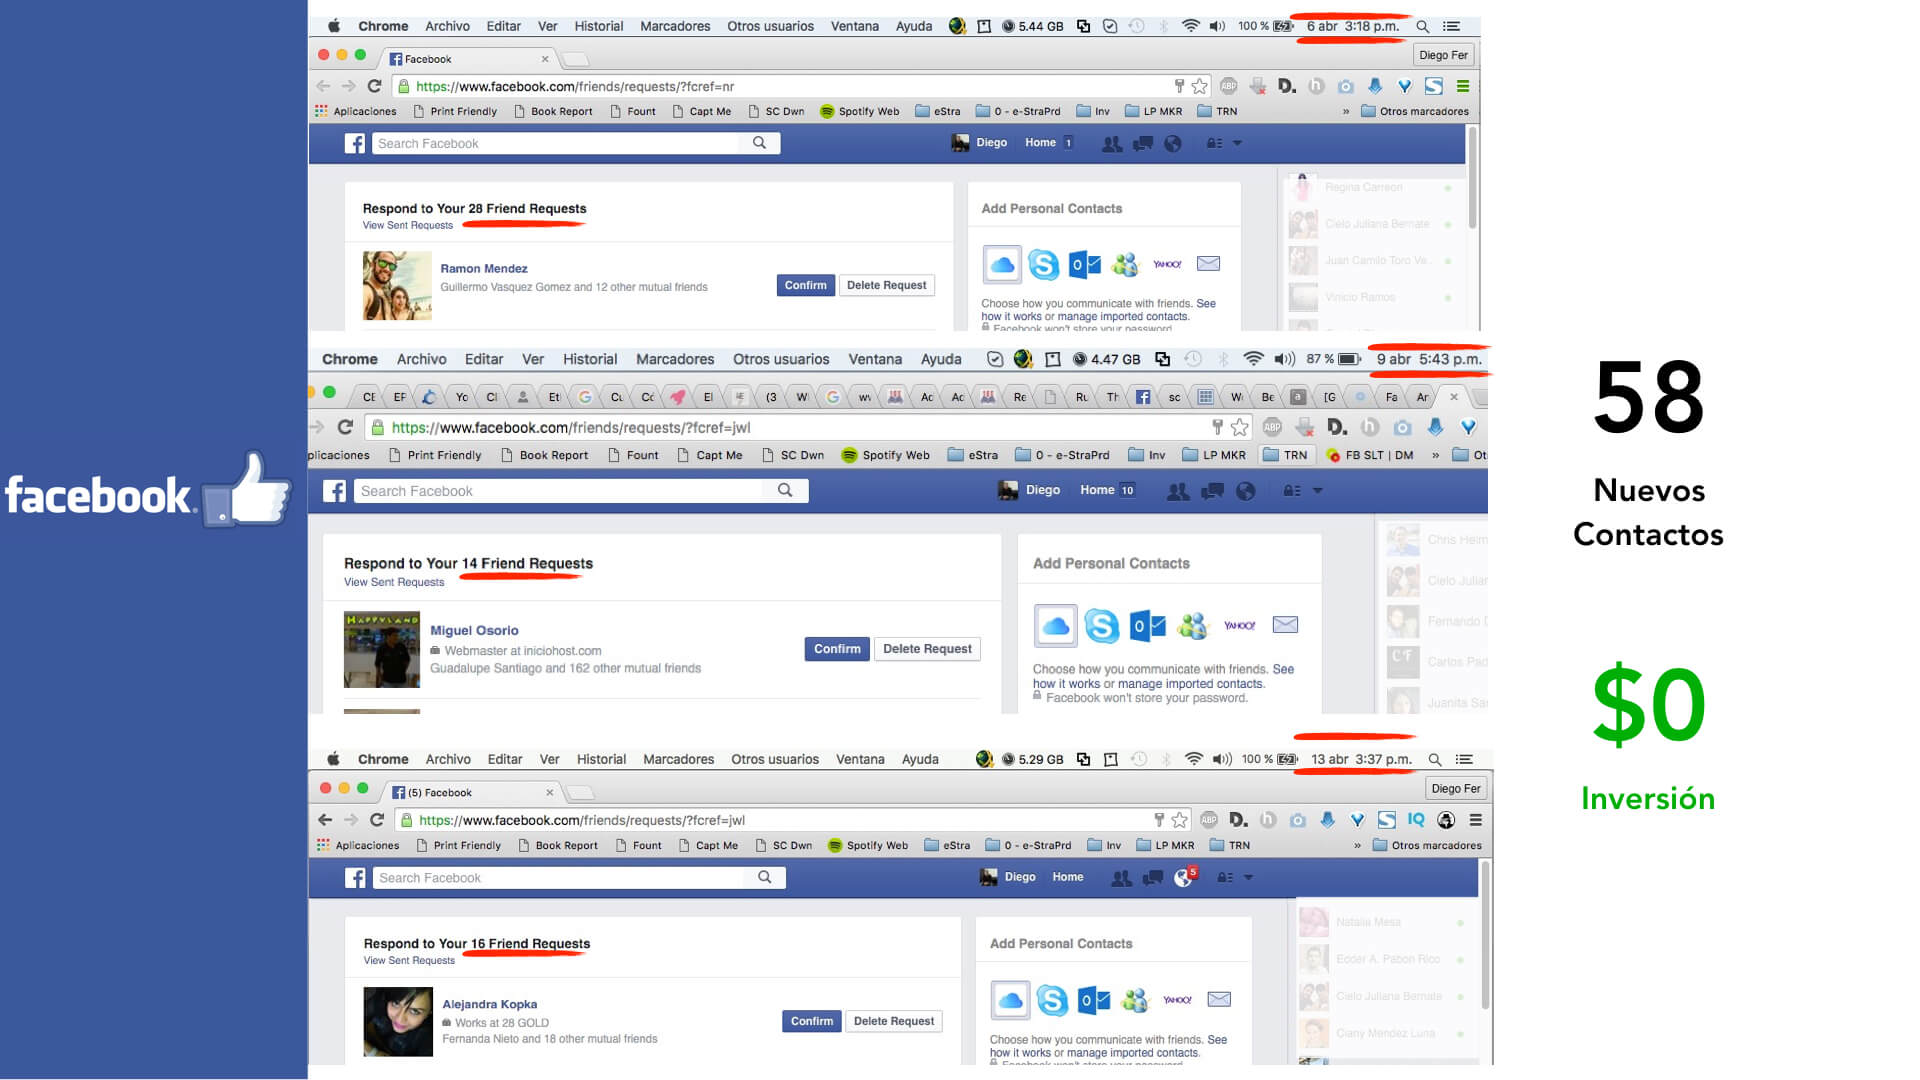 e-Strategy.co - Facebook Para Vender Servicios